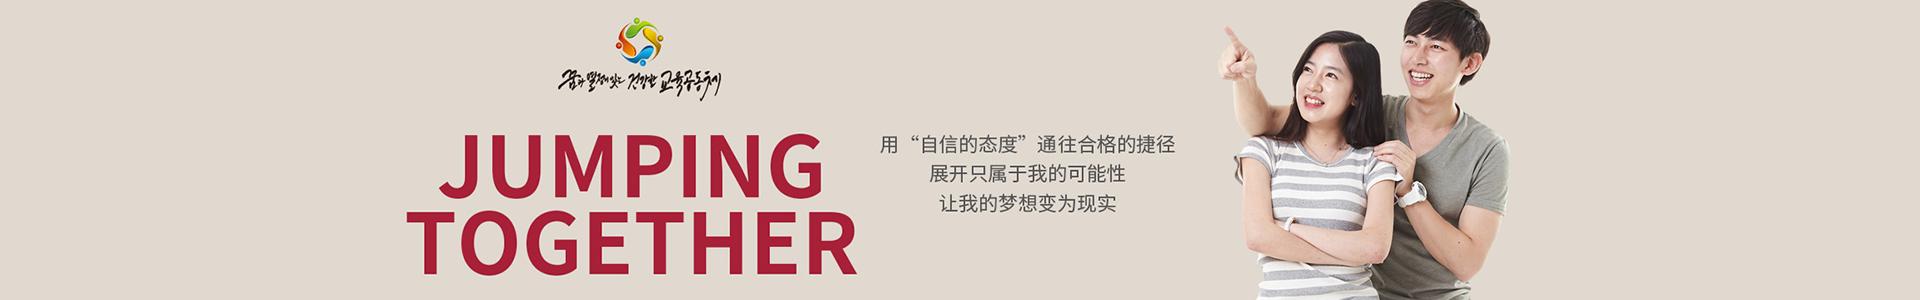 韓國牧園大學中國代表處